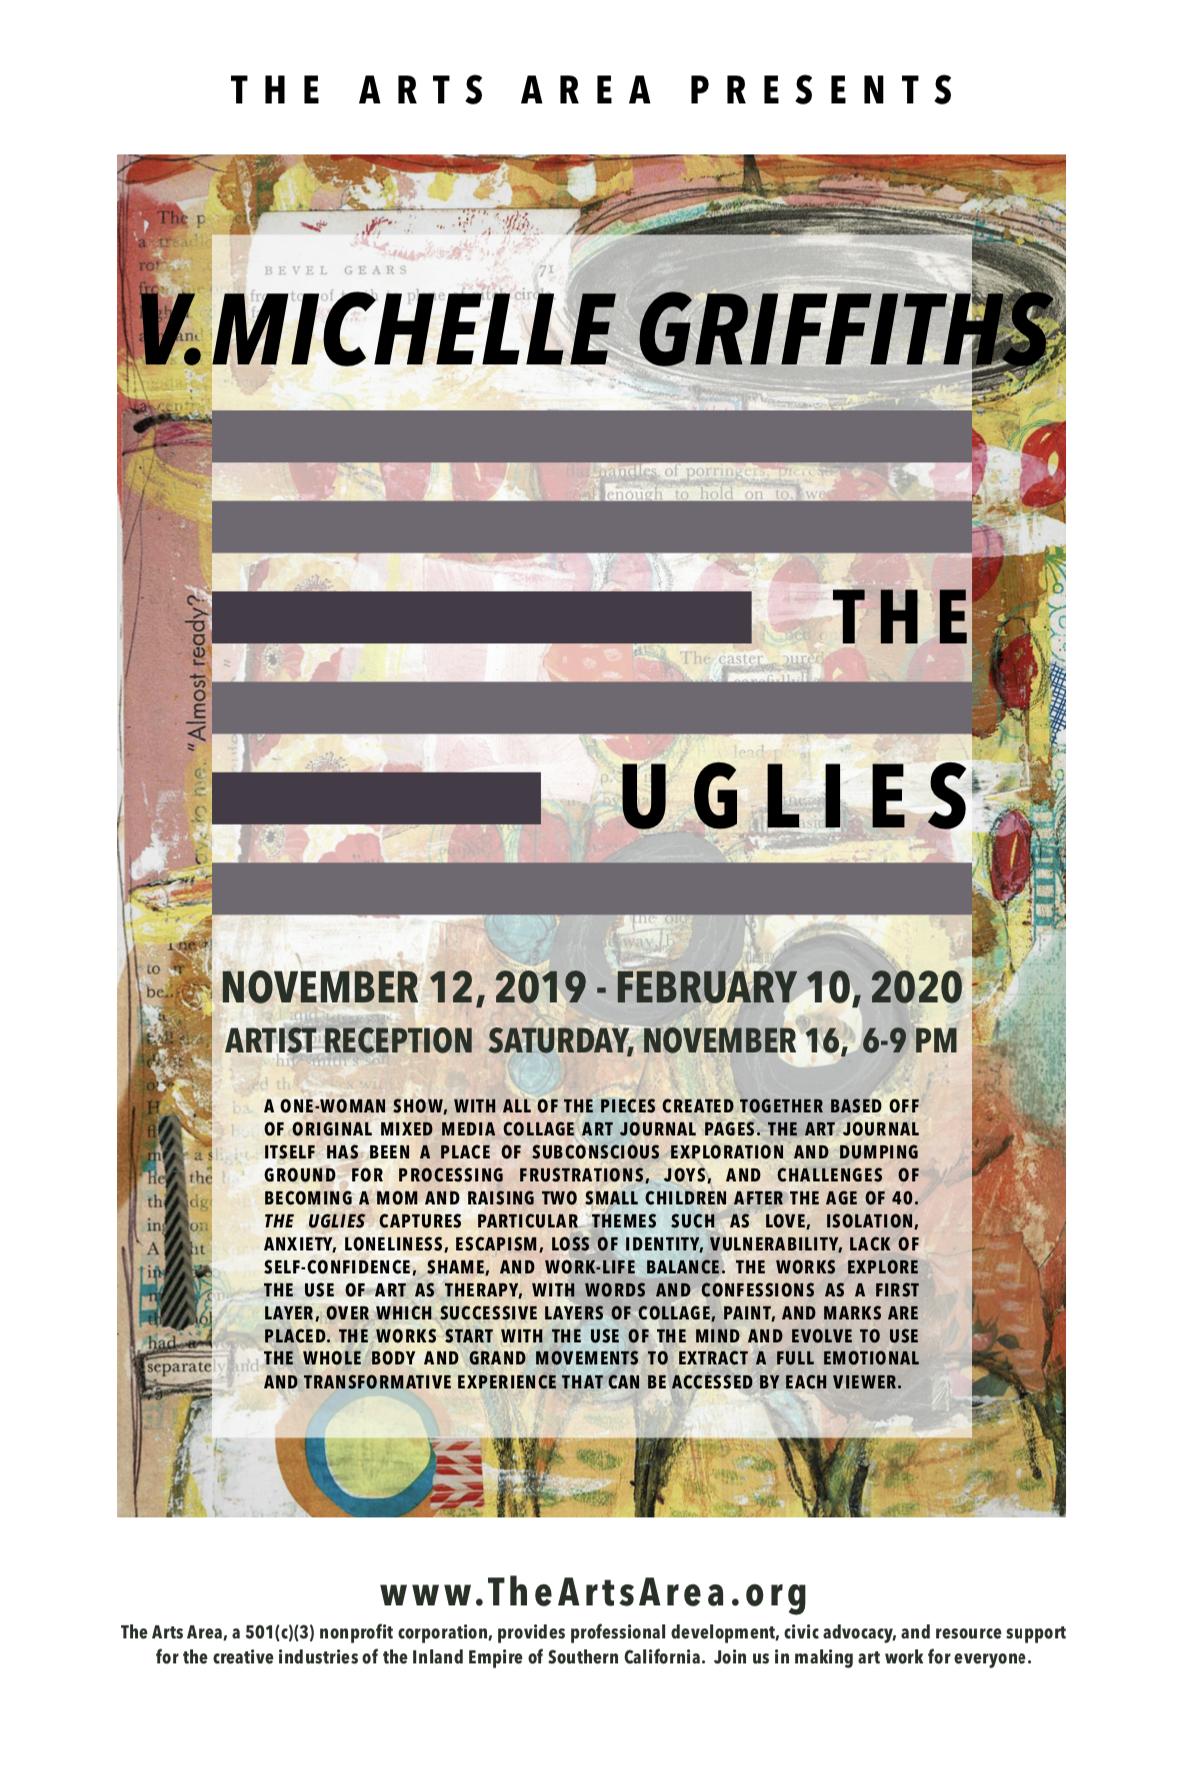 V. MICHELLE GRIFFITHS: November 12, 2019 - February 10, 2020